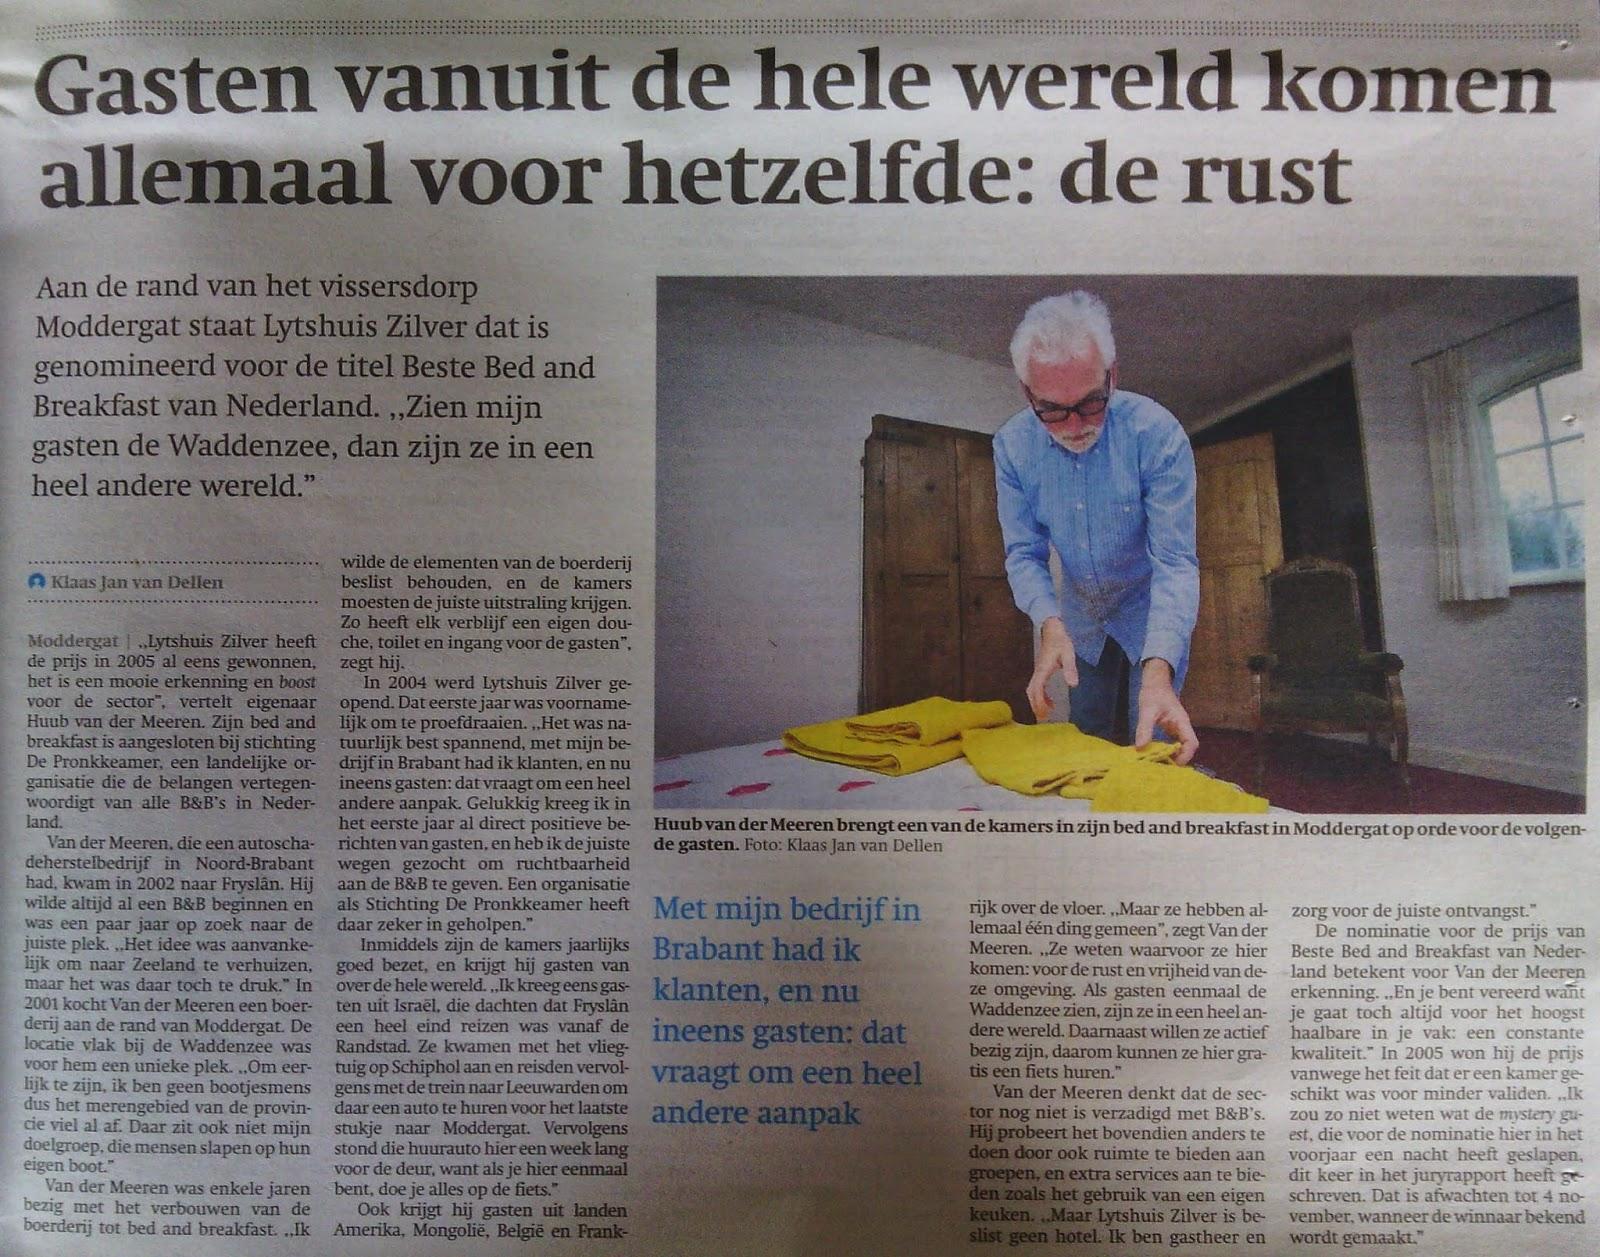 http://www.pronkkamer.nl/friesland/lytshuis-zilver/149/